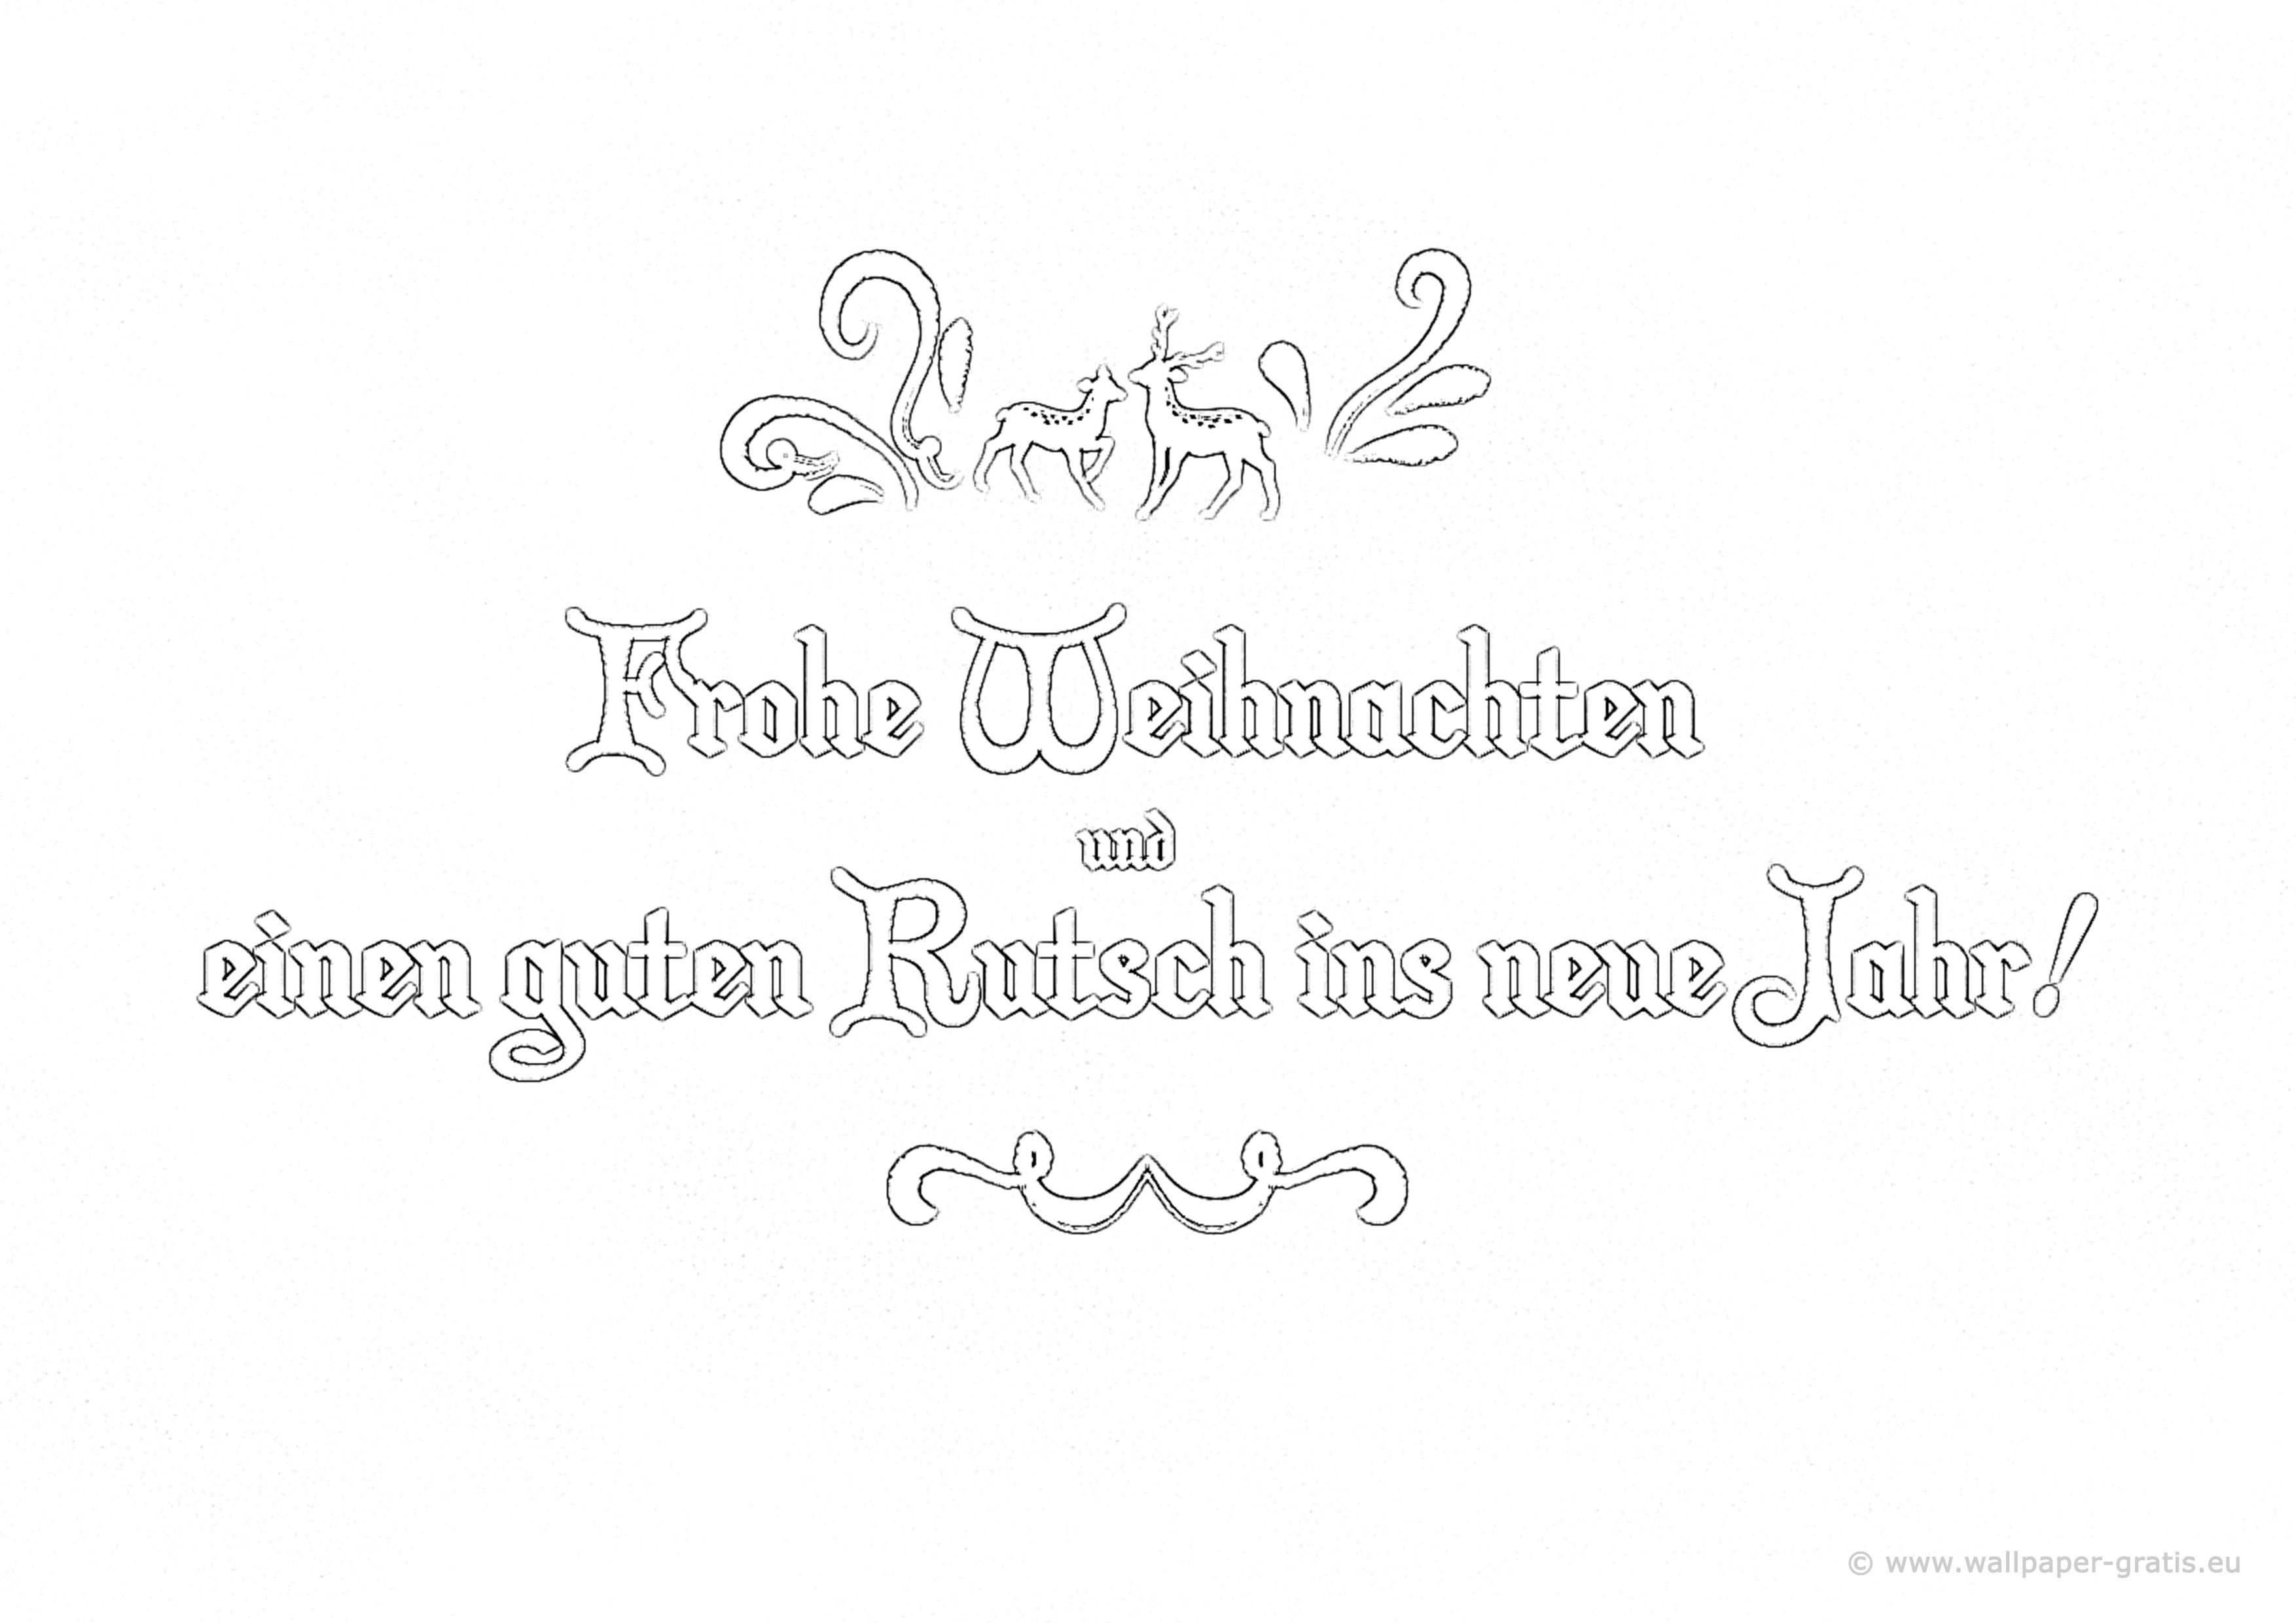 Weihnachten & Neujahr 005 - Hintergrundbild kostenlos